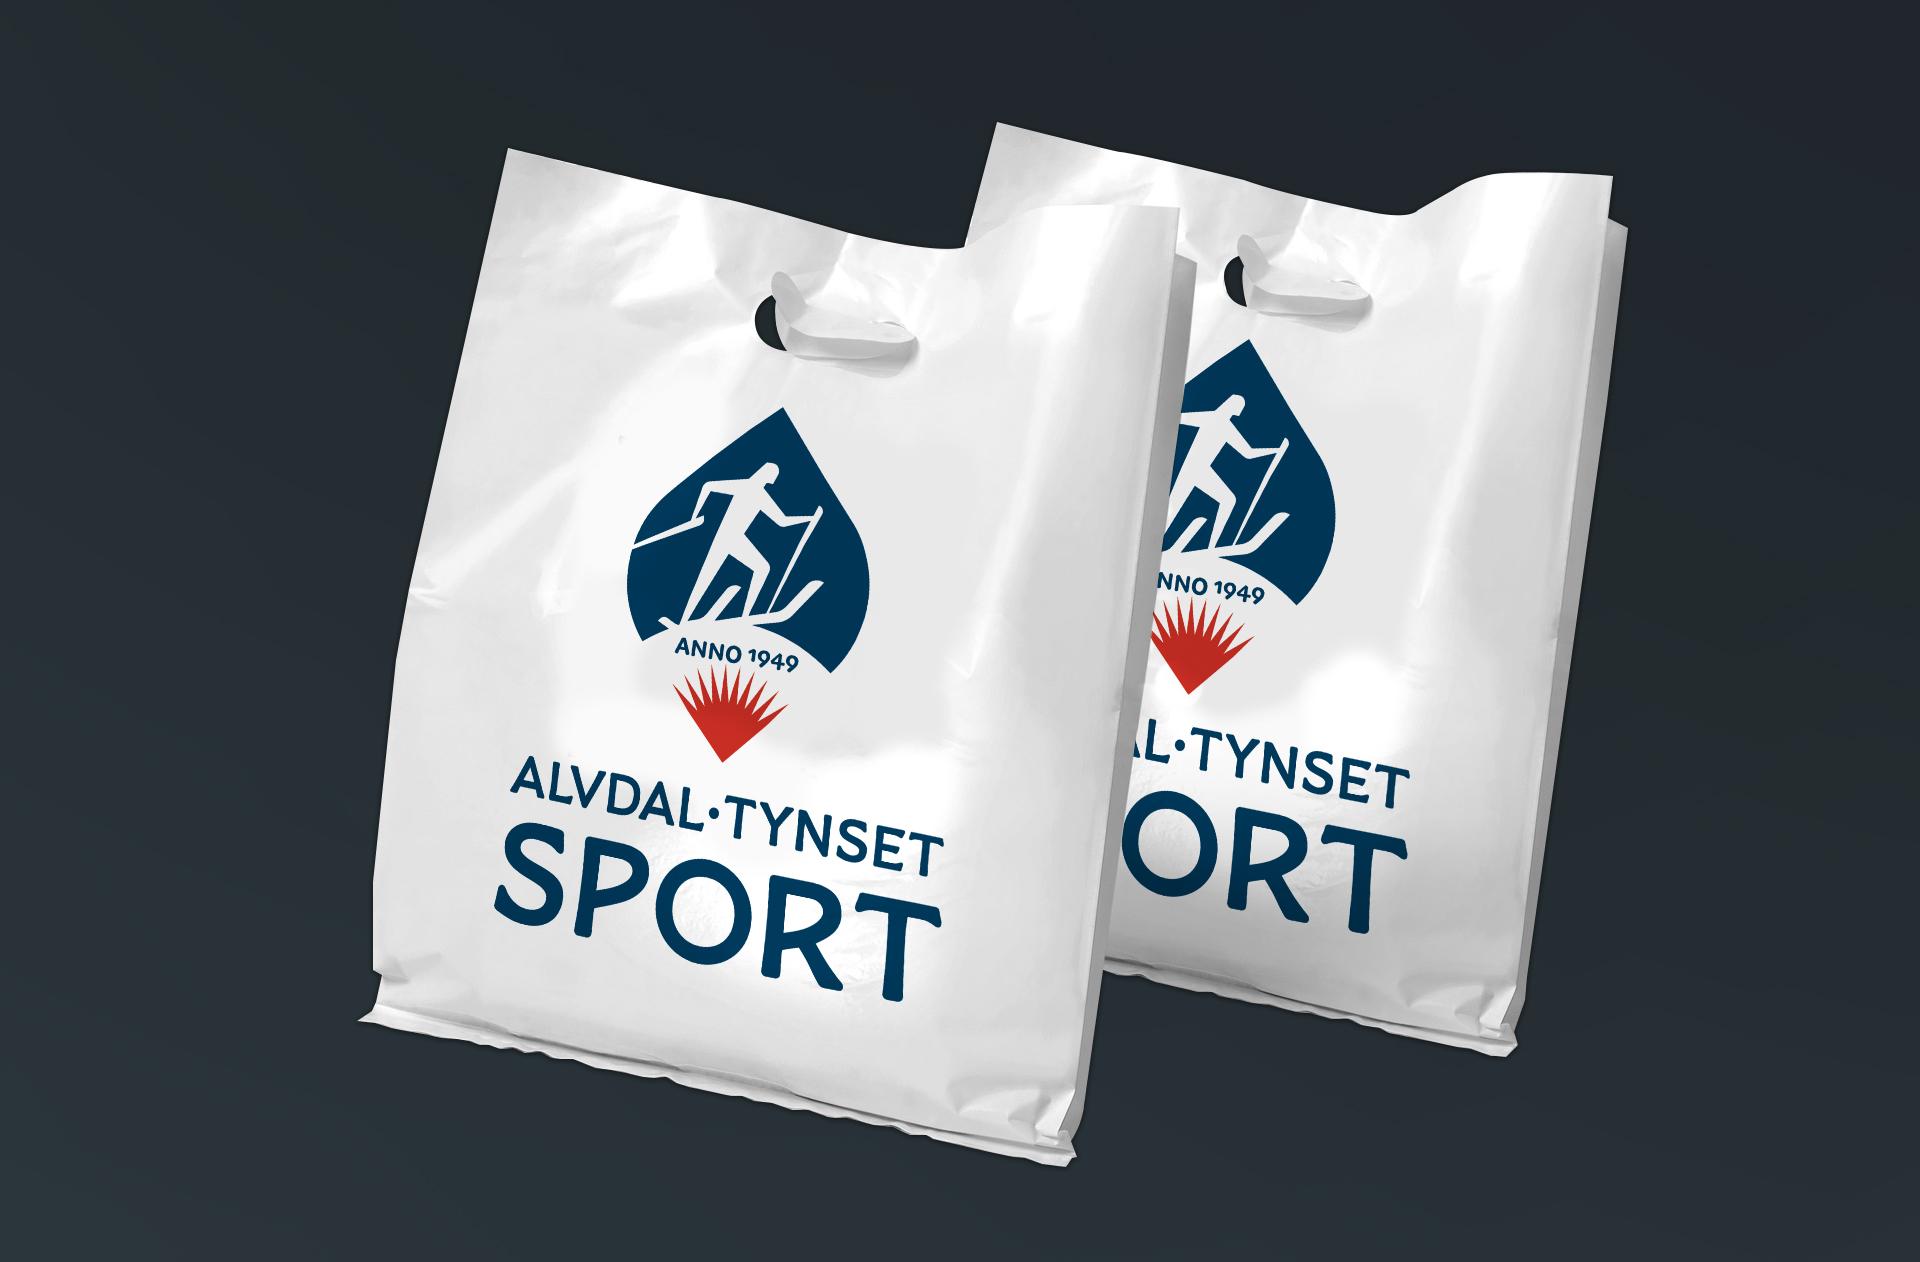 Bæreposer for Alvdal Tynset Sport, laget av Haus Byrå